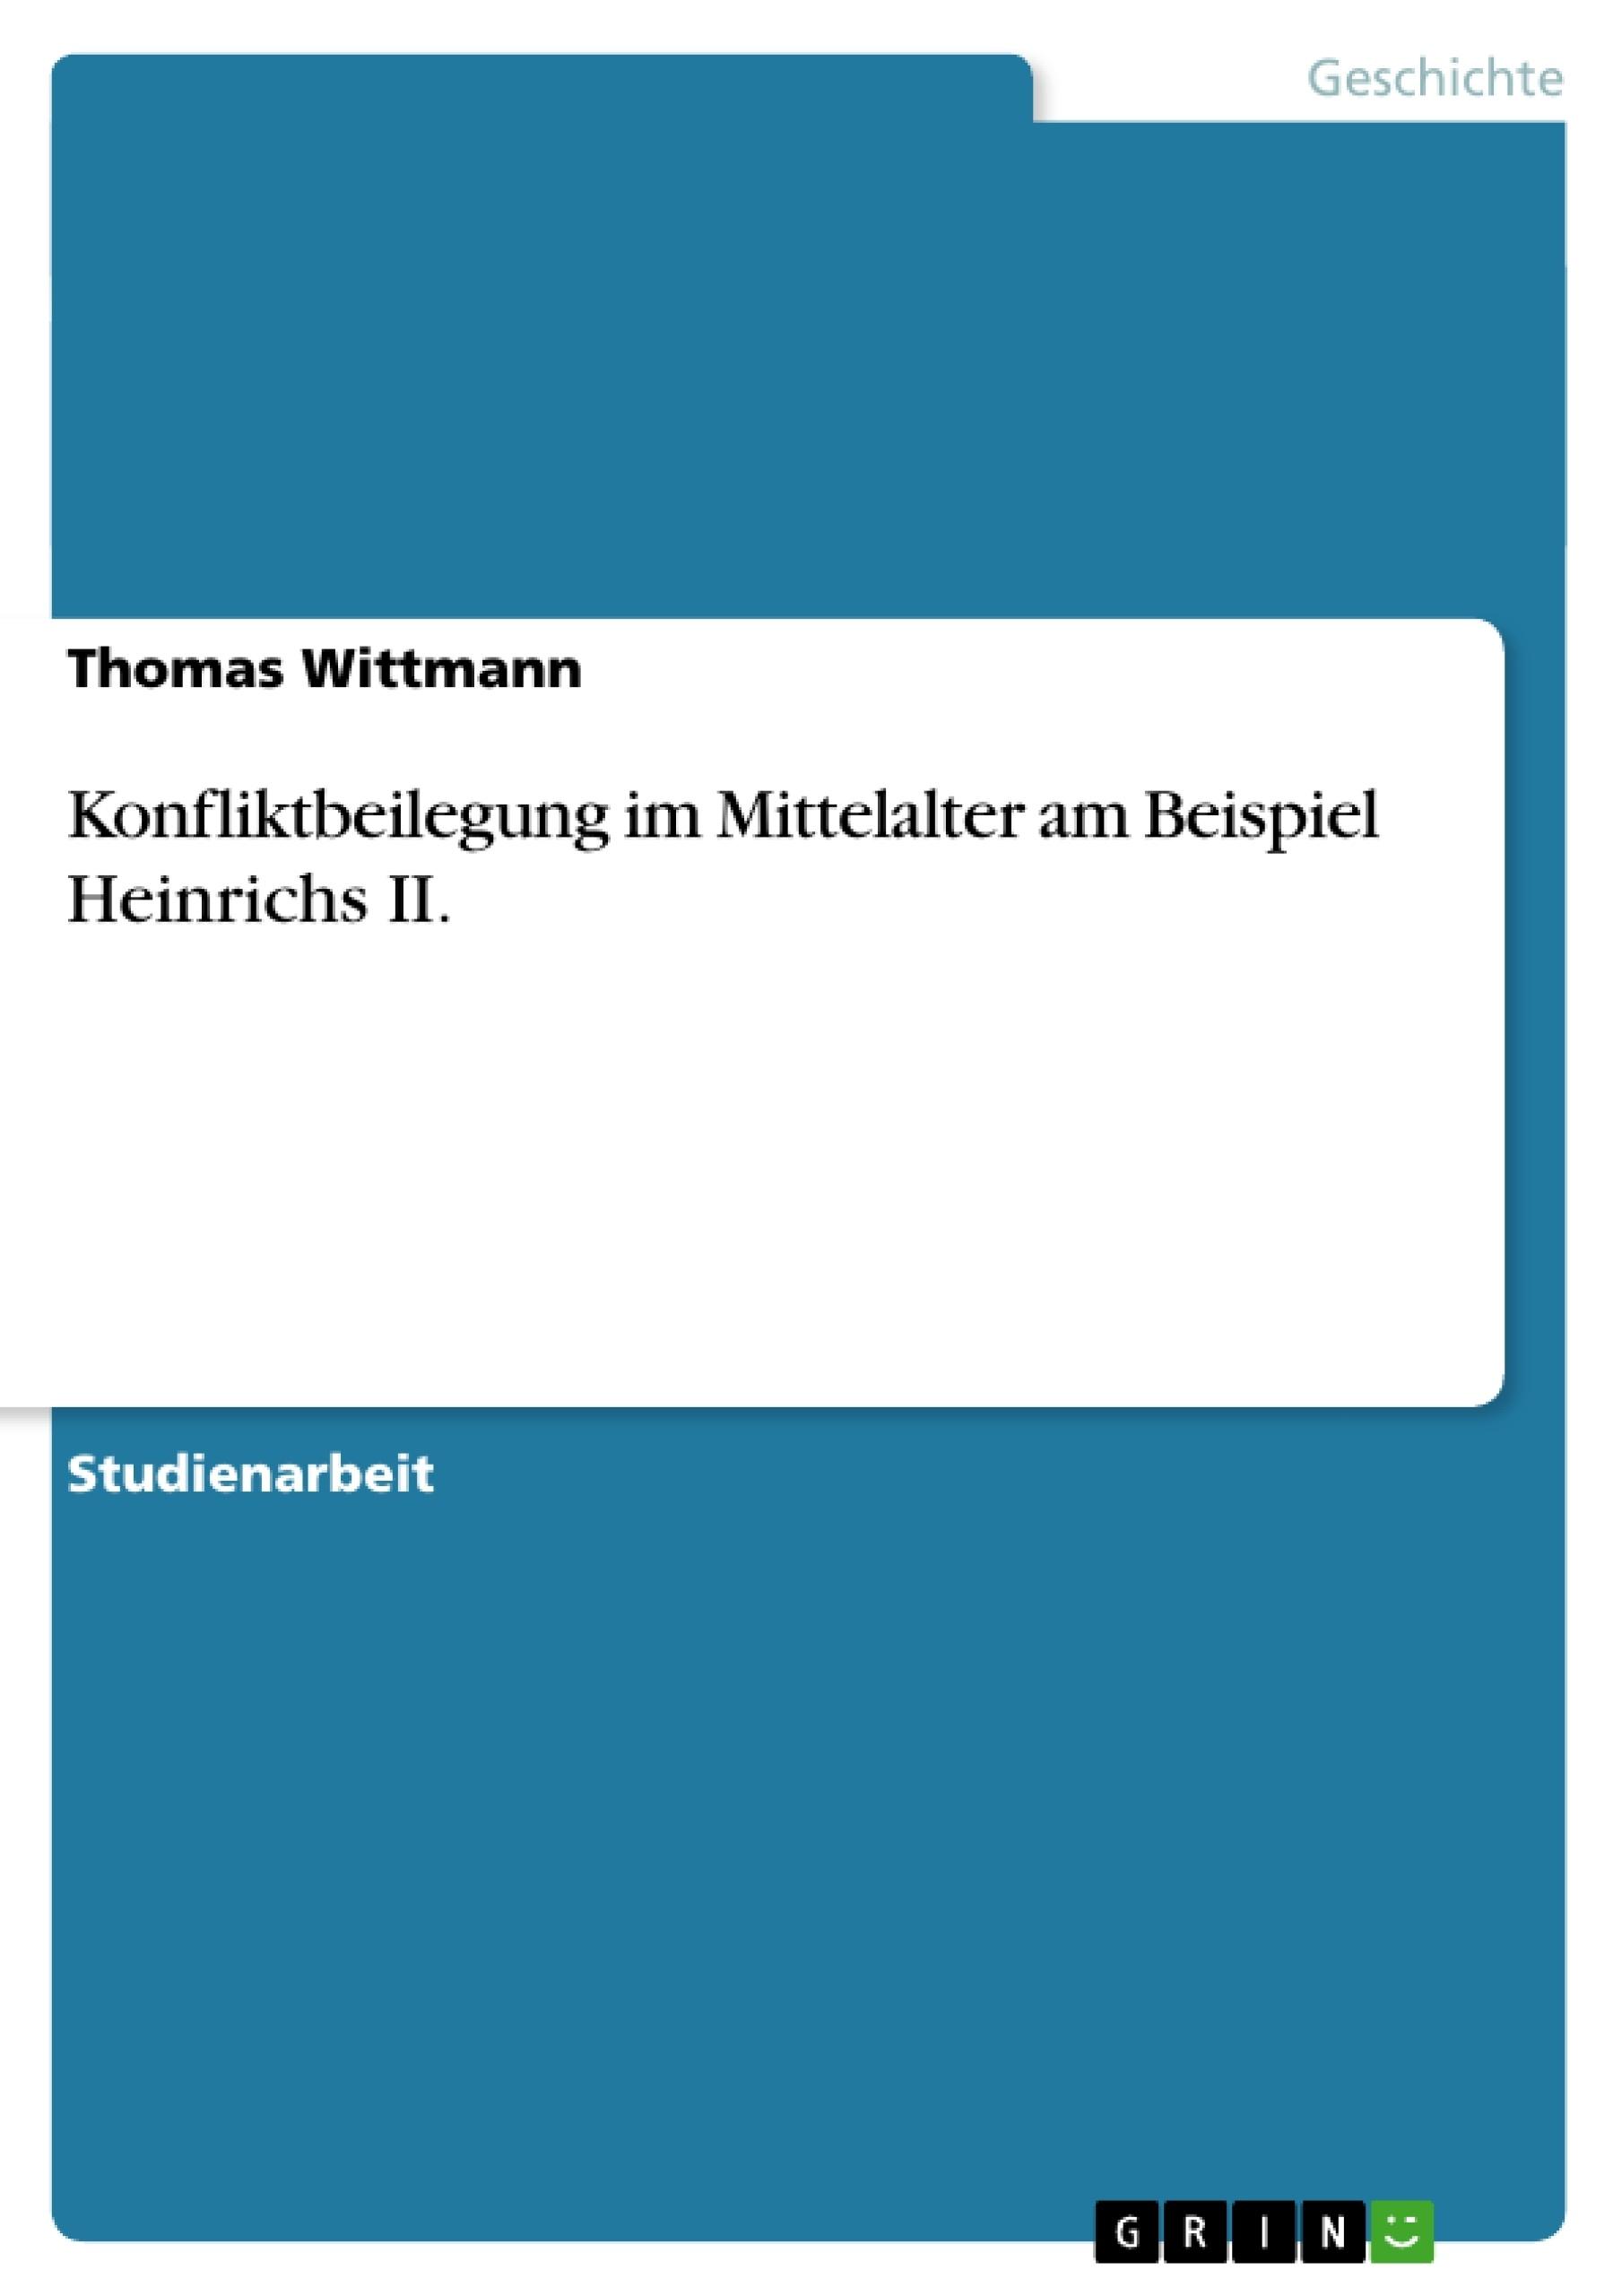 Titel: Konfliktbeilegung im Mittelalter am Beispiel Heinrichs II.